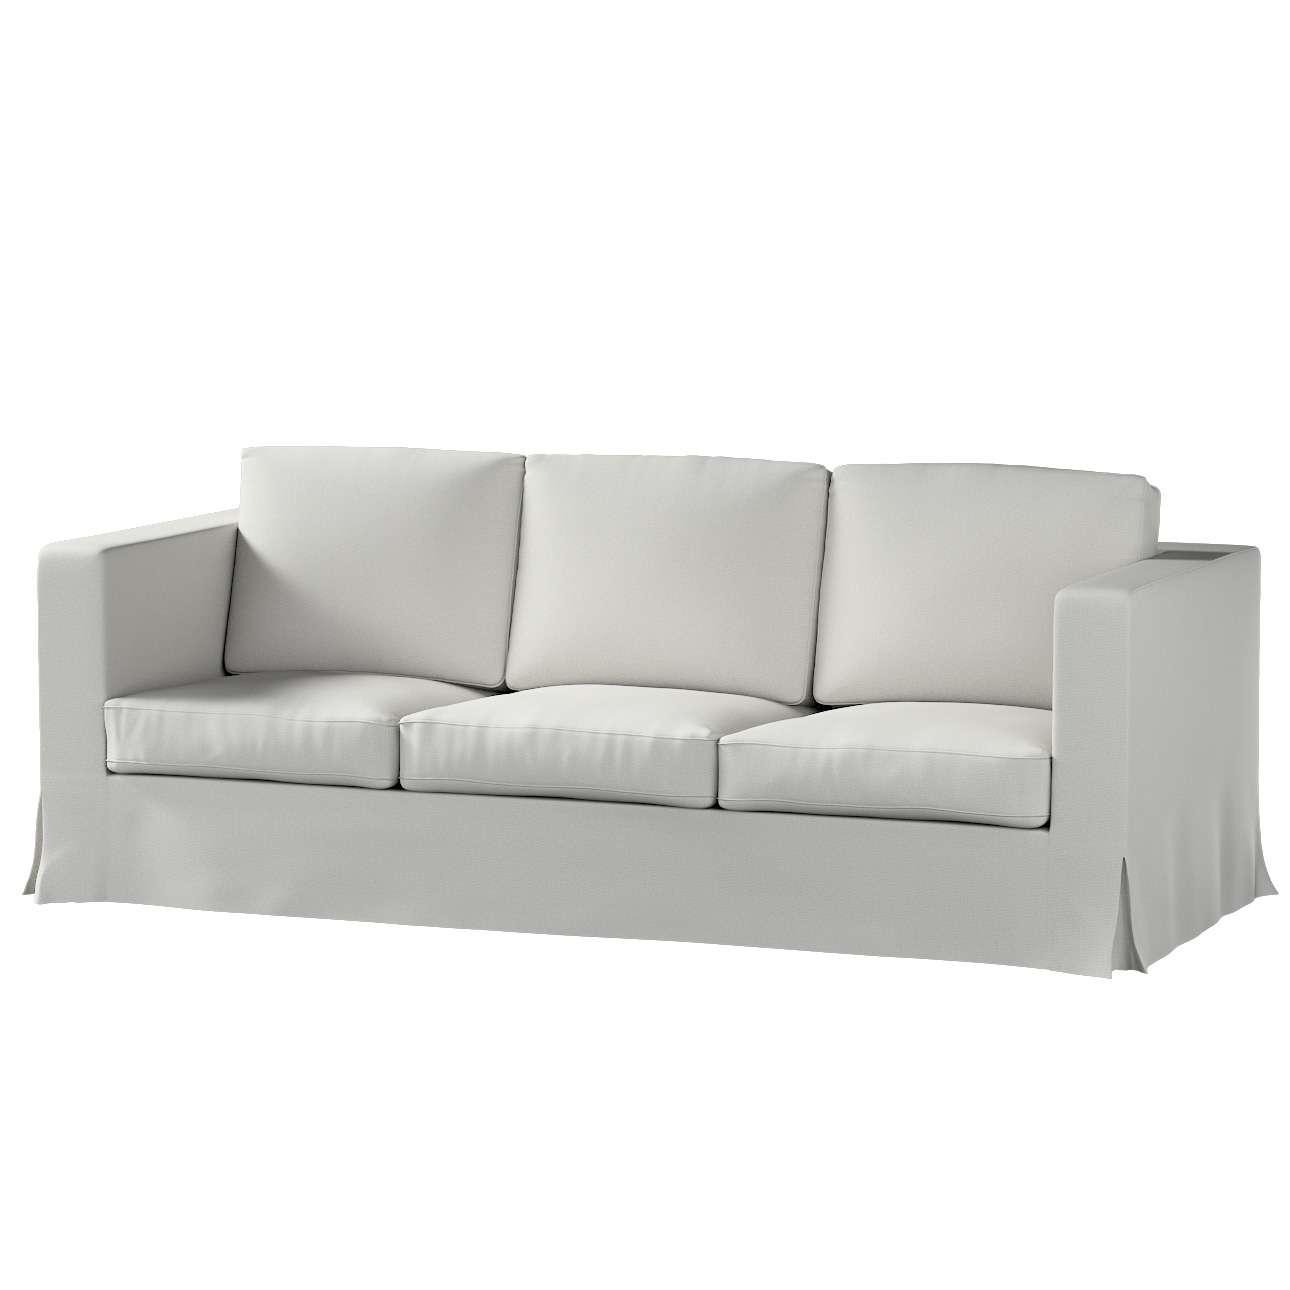 Pokrowiec na sofę Karlanda 3-osobową nierozkładaną, długi Sofa Karlanda 3-os w kolekcji Etna , tkanina: 705-90